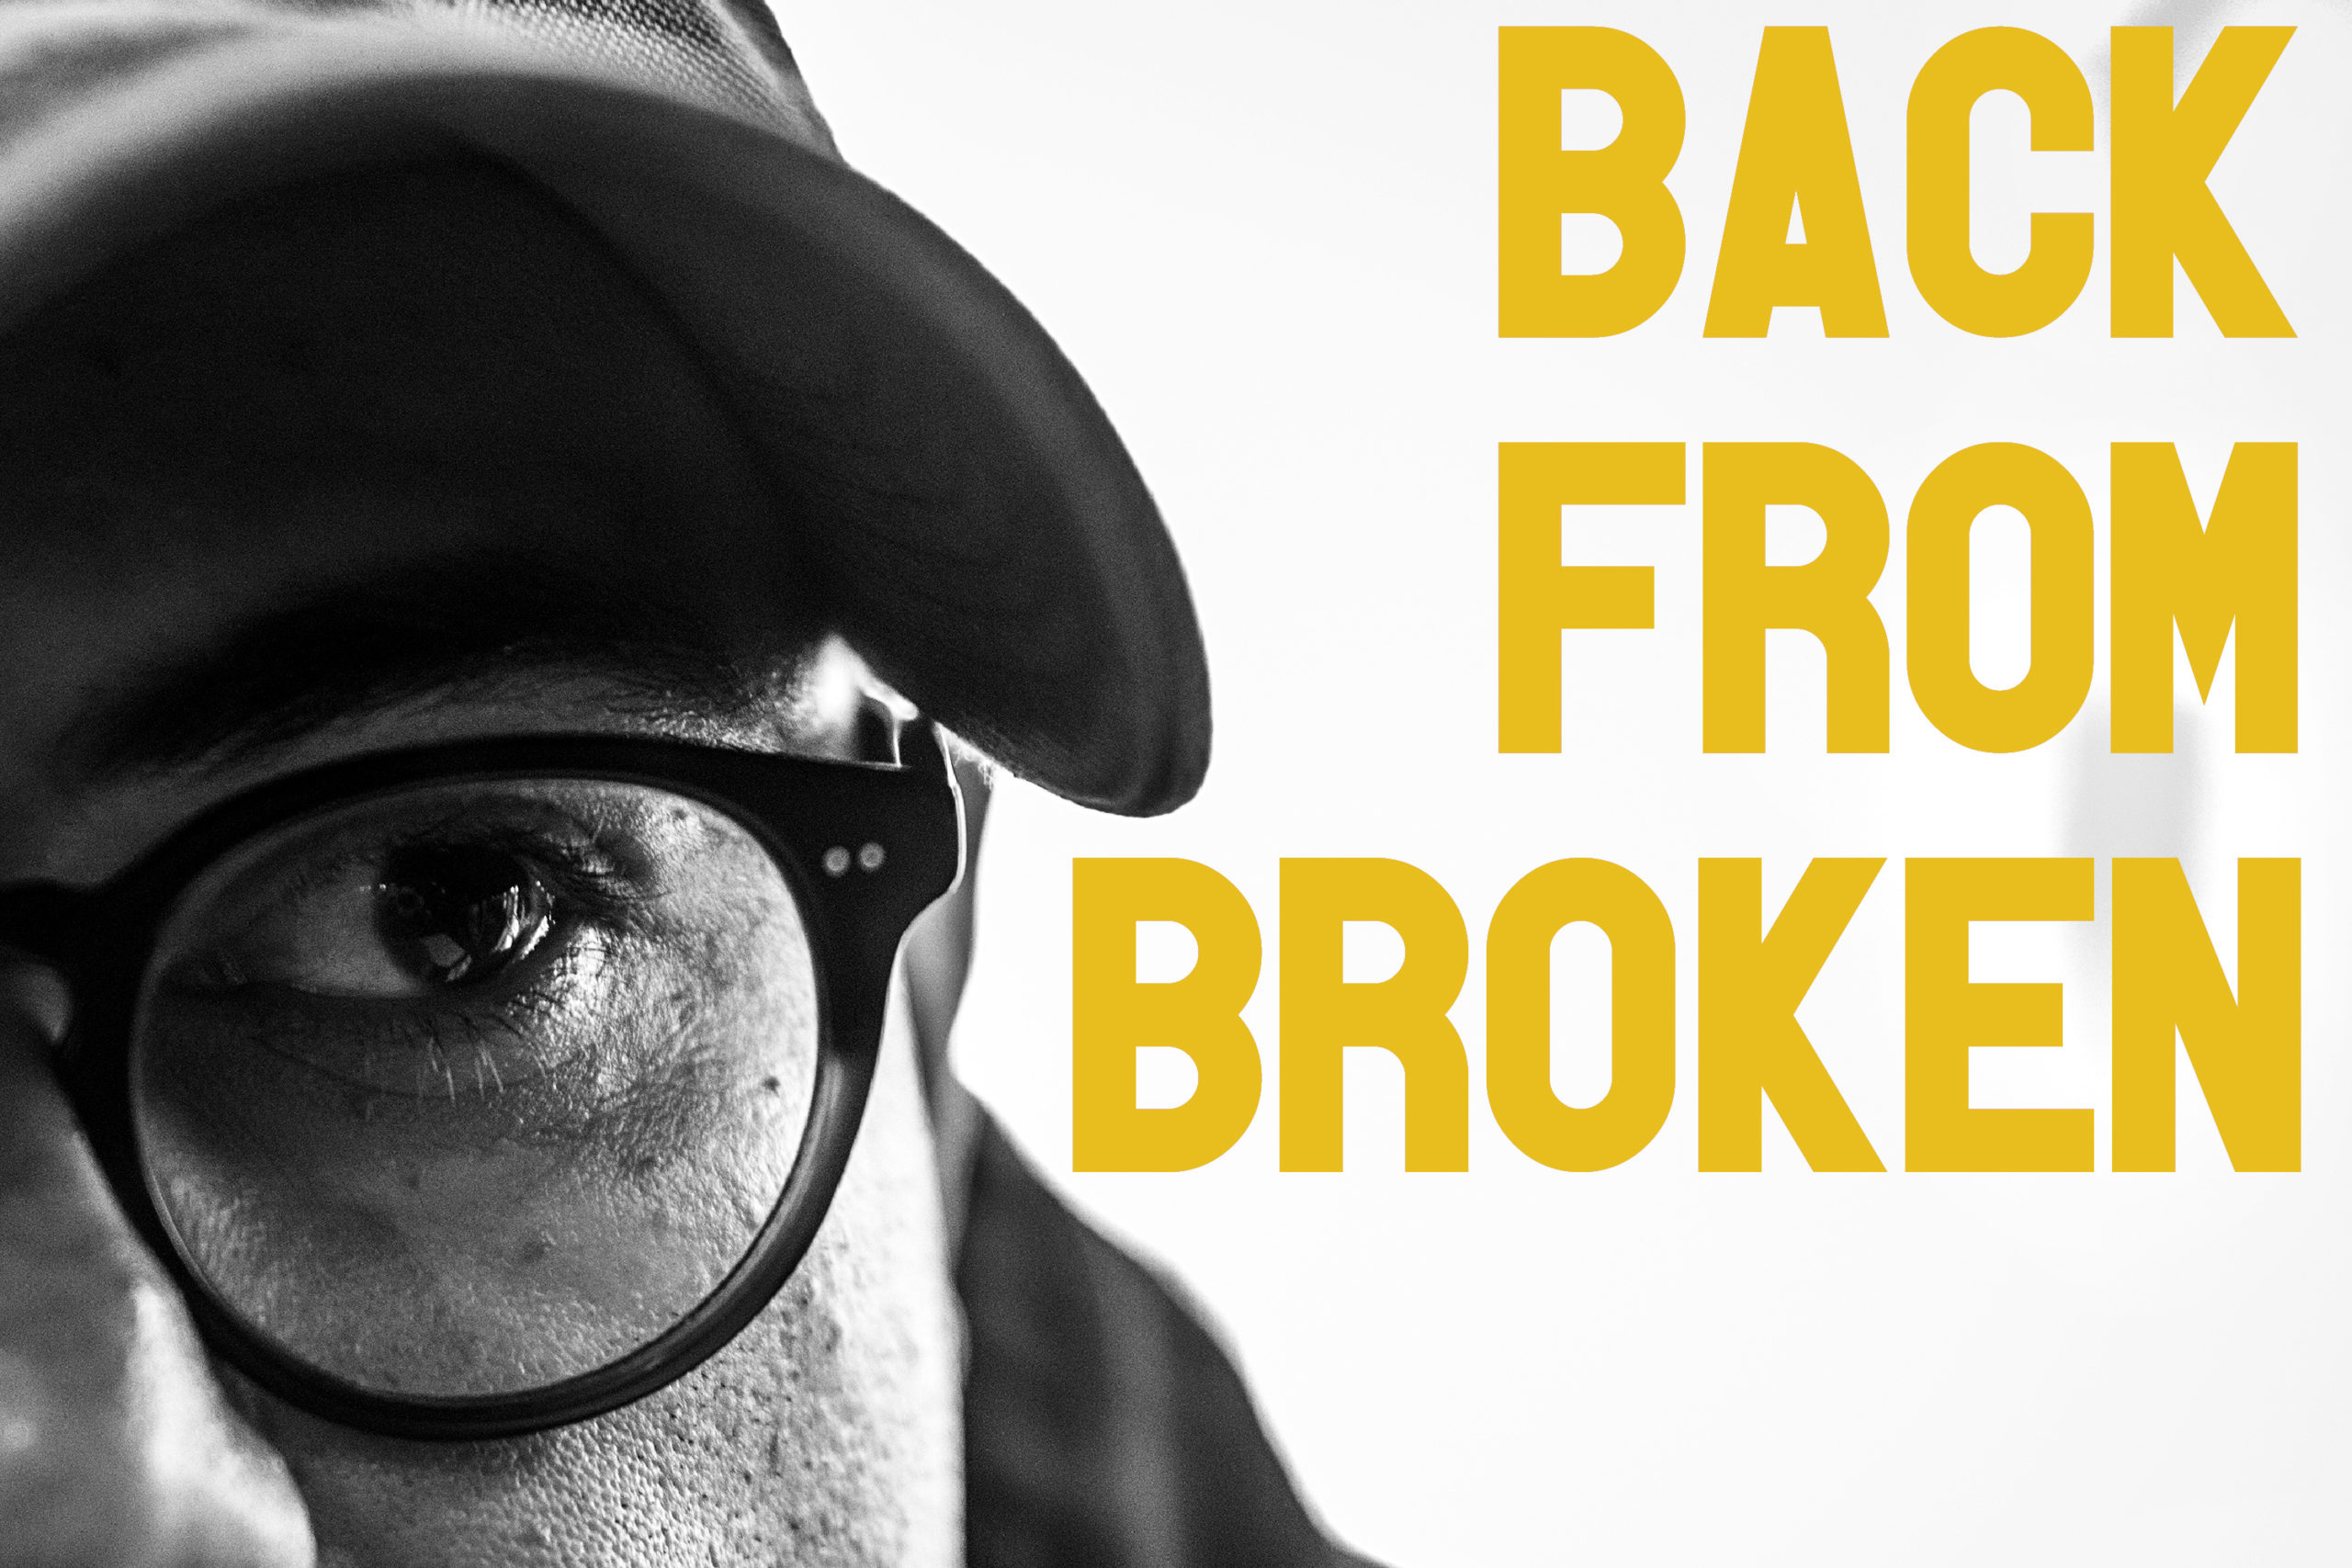 Back from Broken